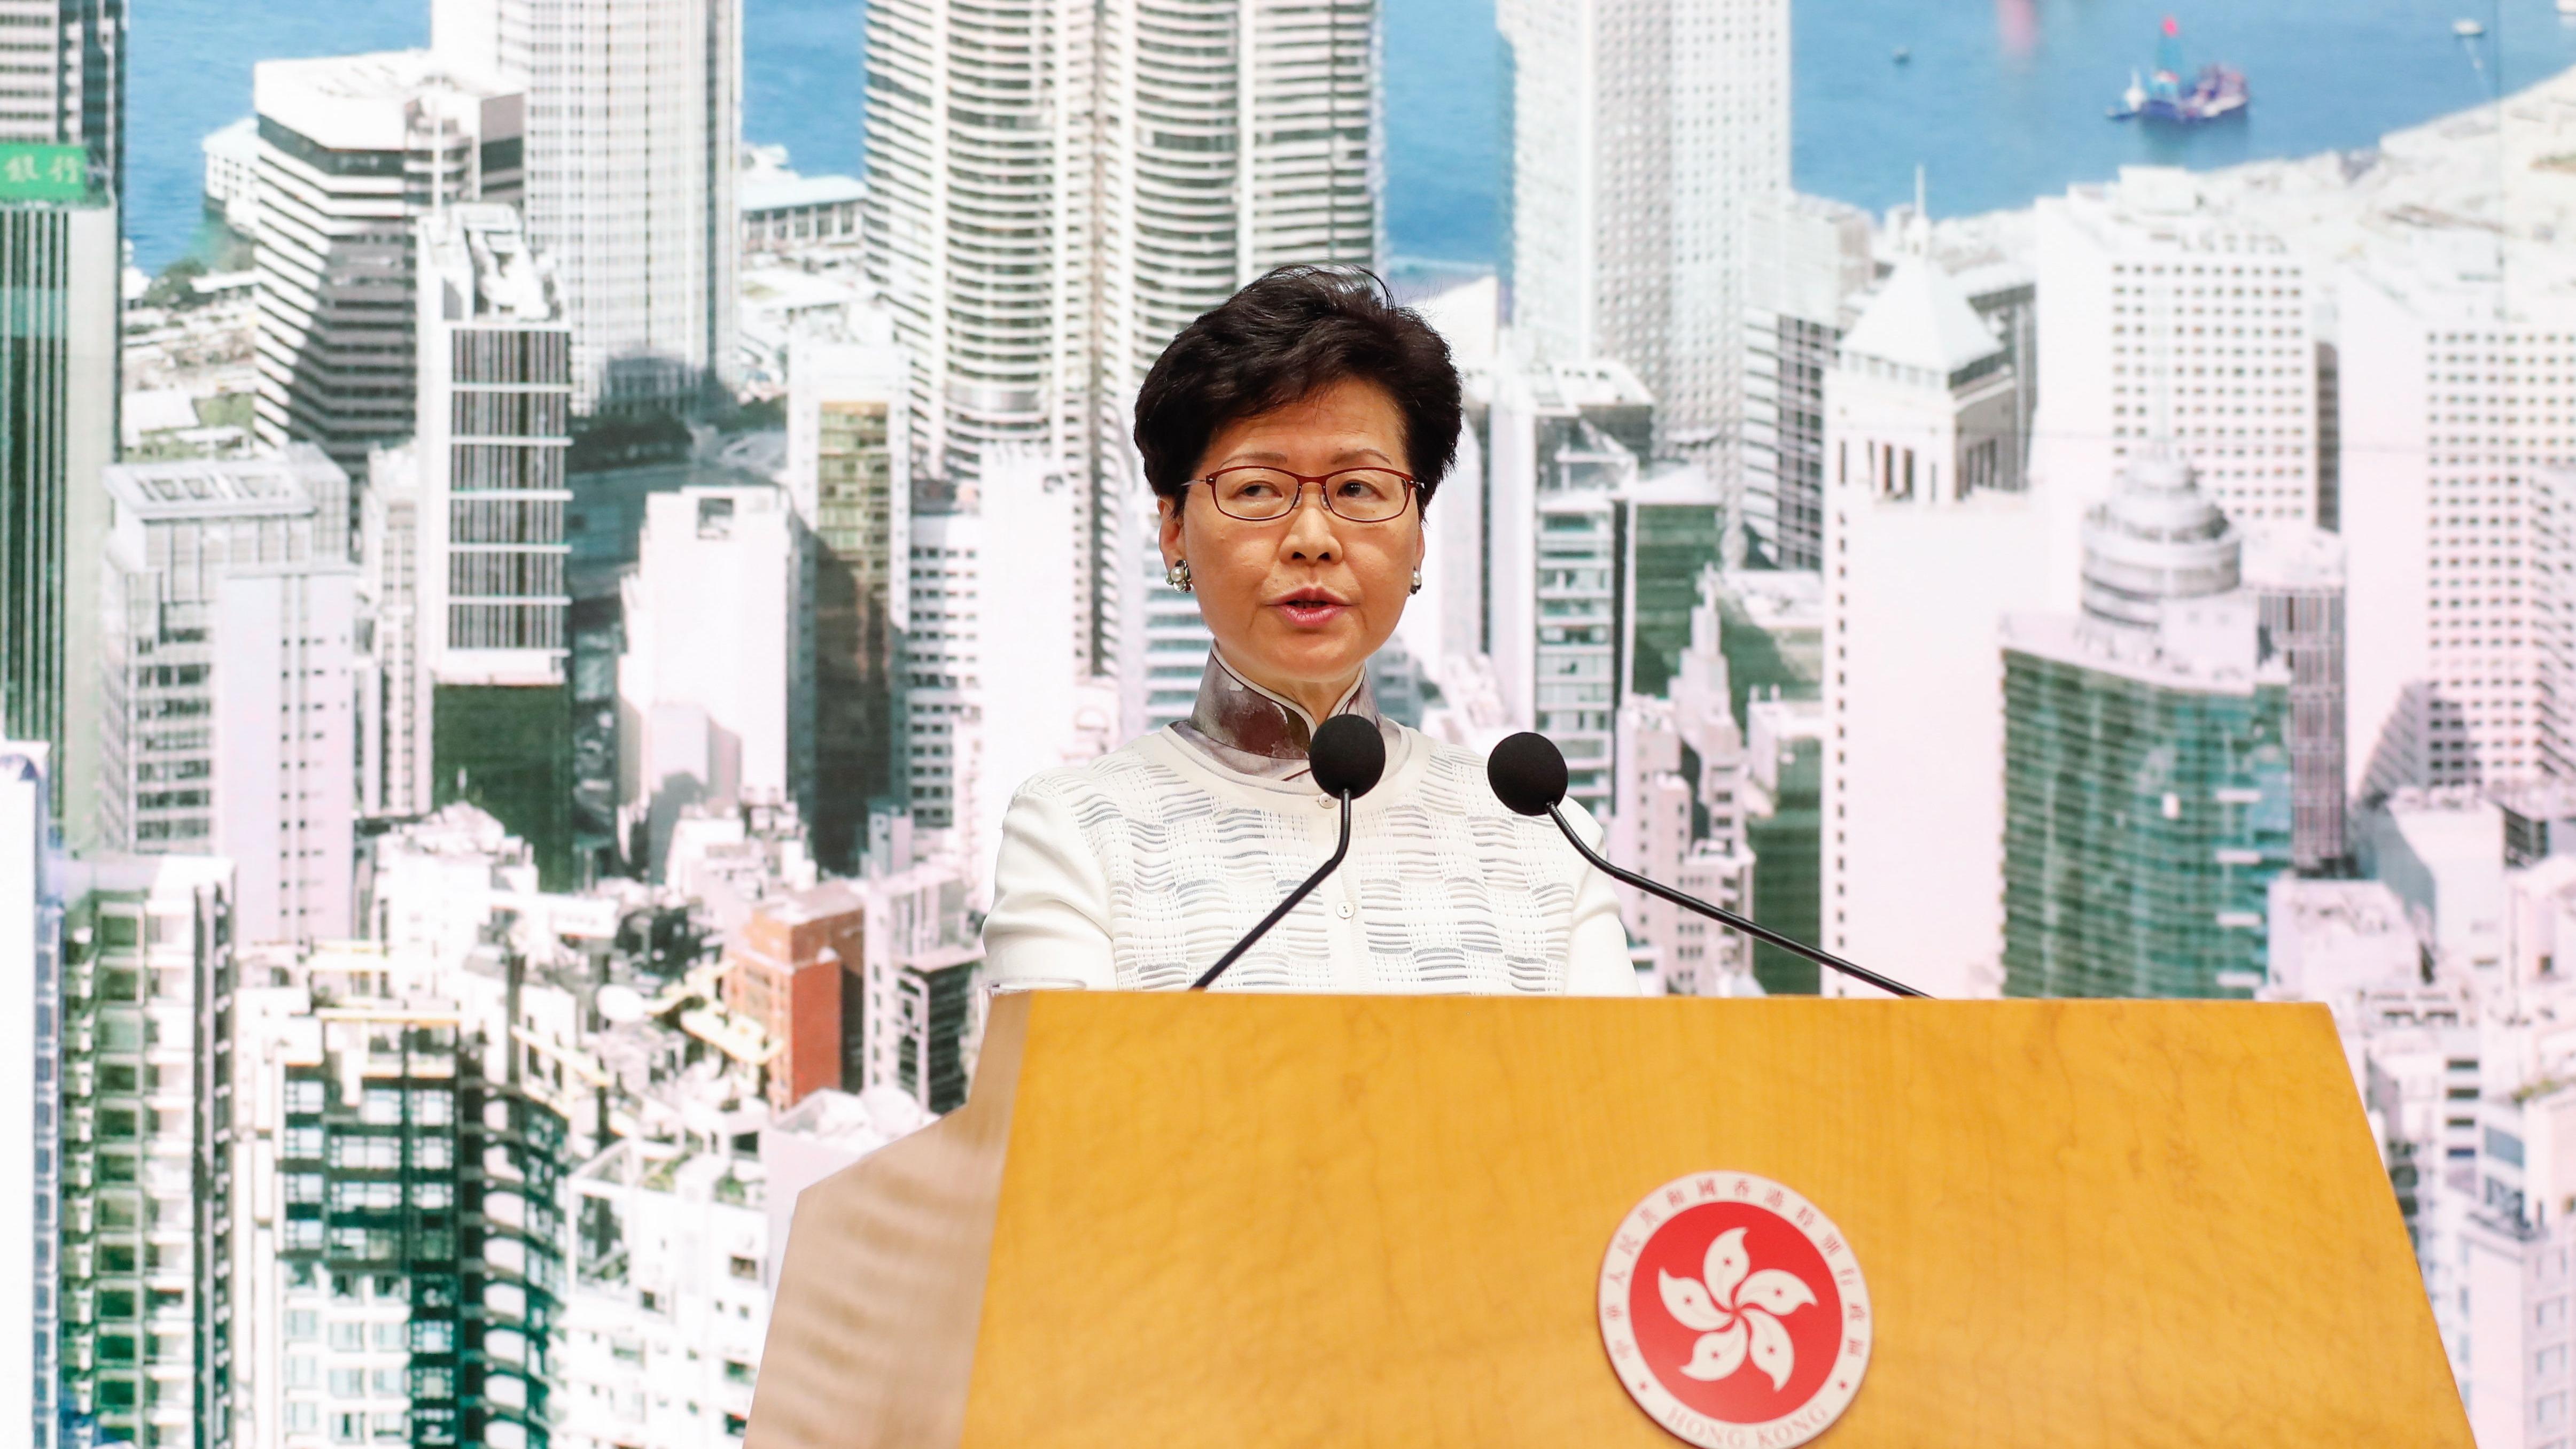 La jefa del Ejecutivo de Hong Kong, Carrie Lam, anunció la